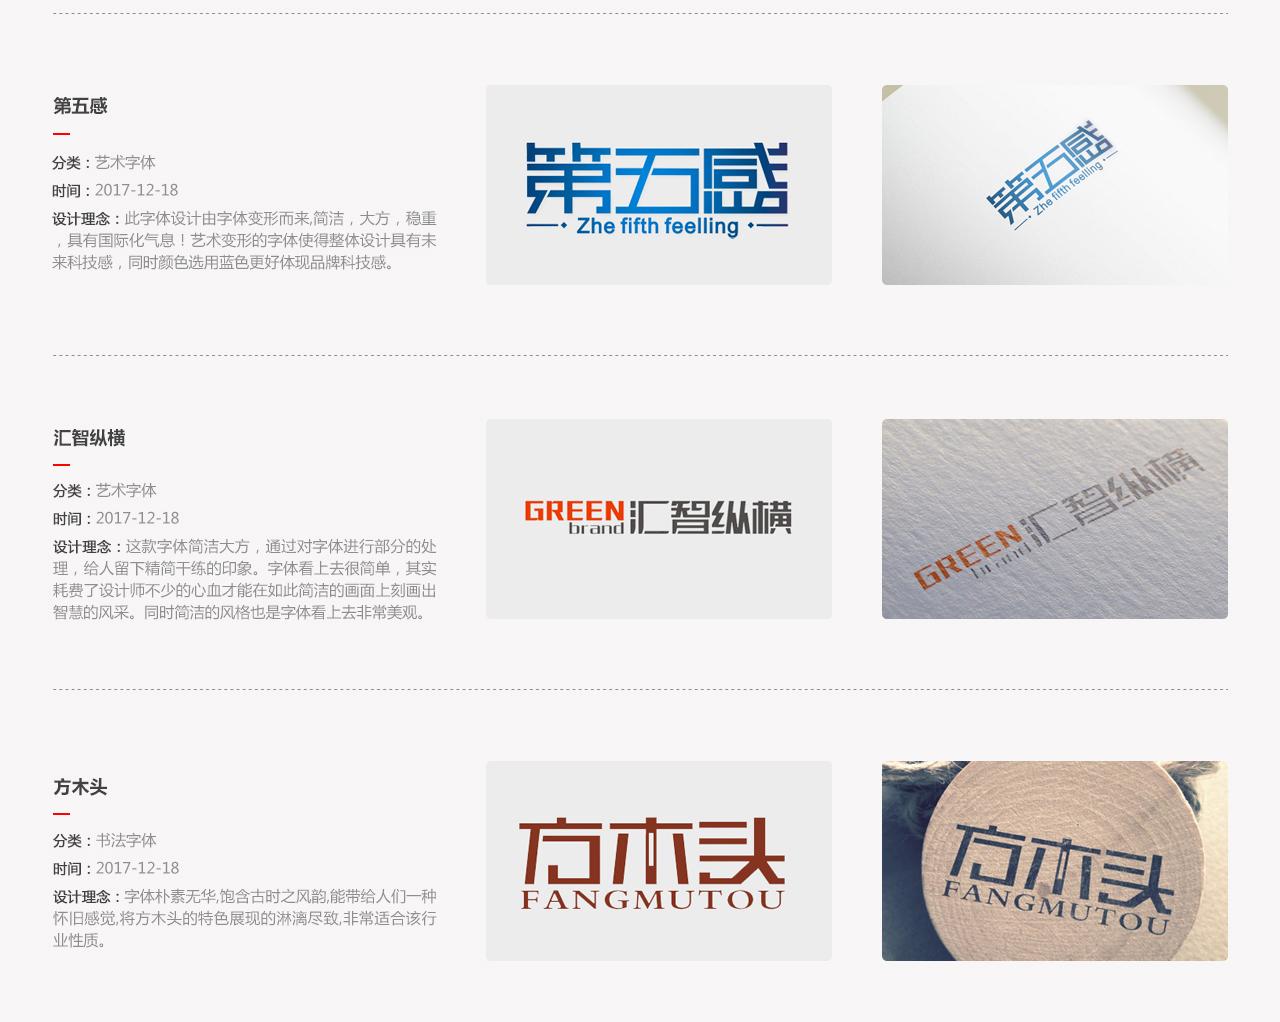 家具招聘-艺术动画集合_上首字体中国字体组装品牌设计师设计